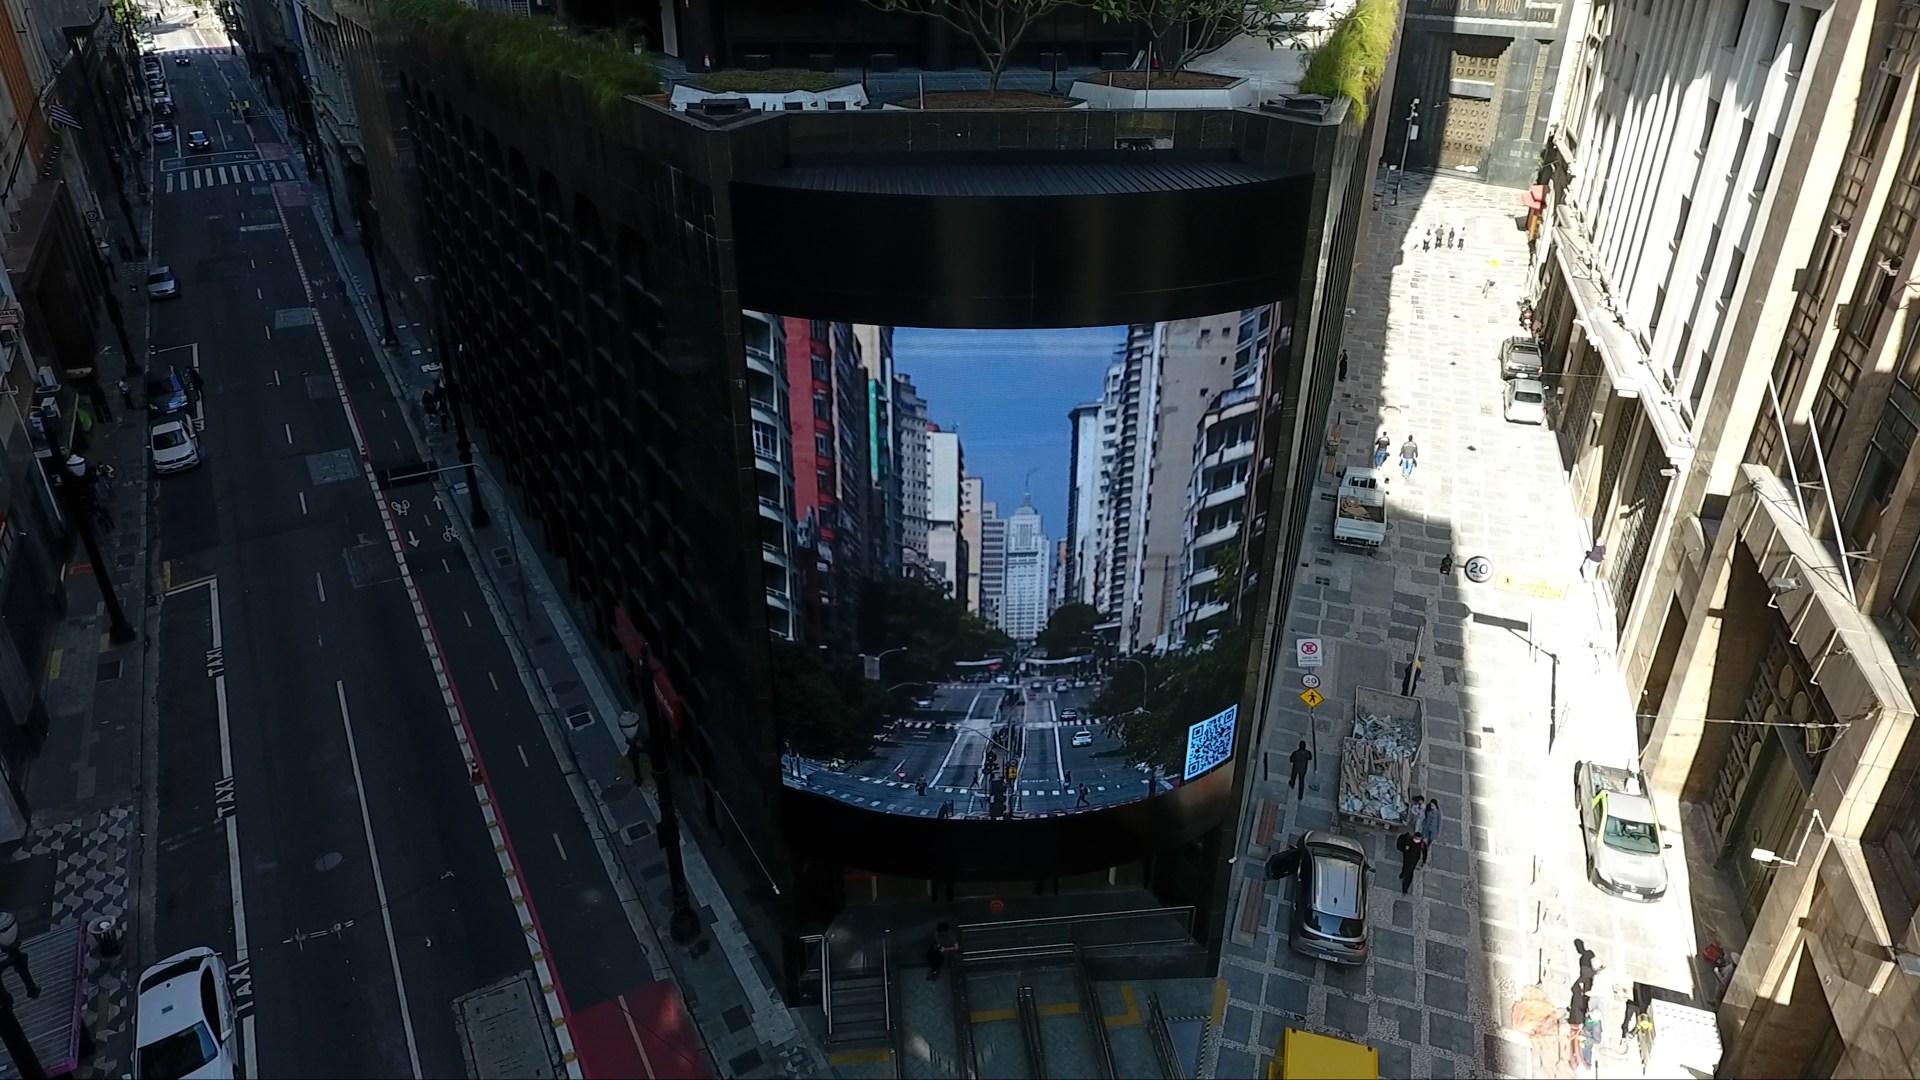 Painel eletrônico no centro de São Paulo